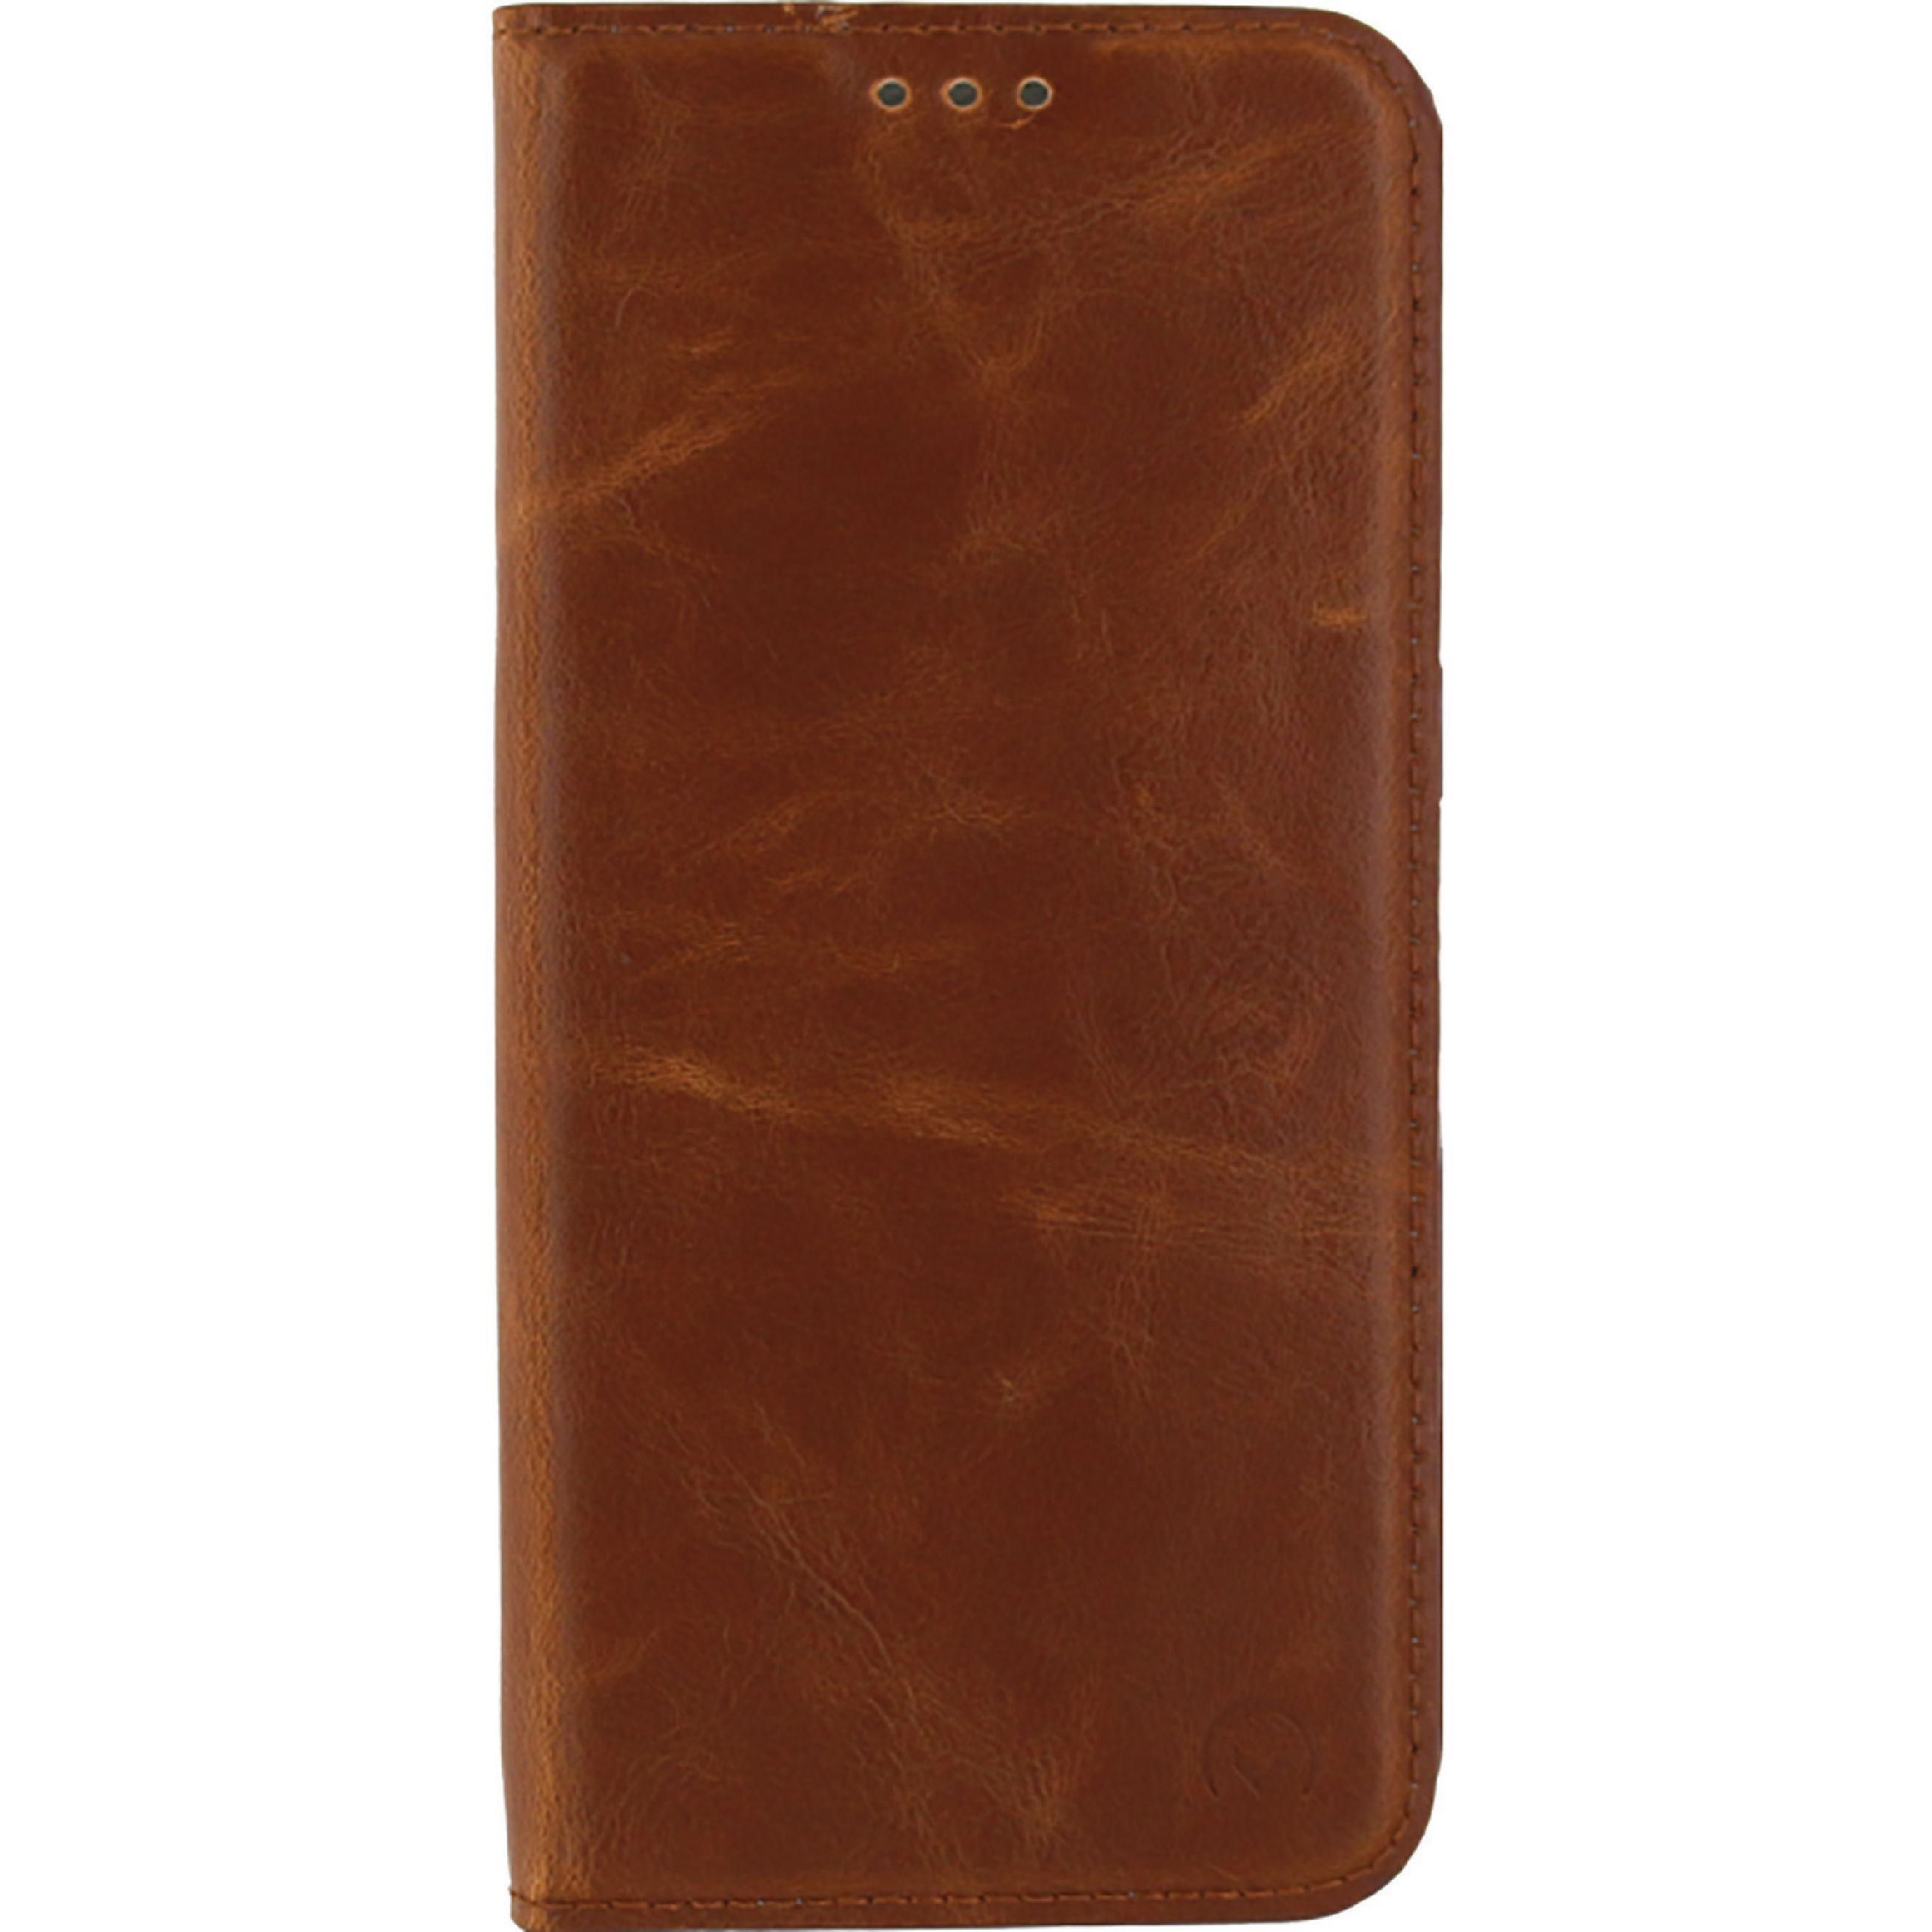 Image of   Telefon Gelly Lommebogsetui Apple iPhone 5 / 5s / SE Brun